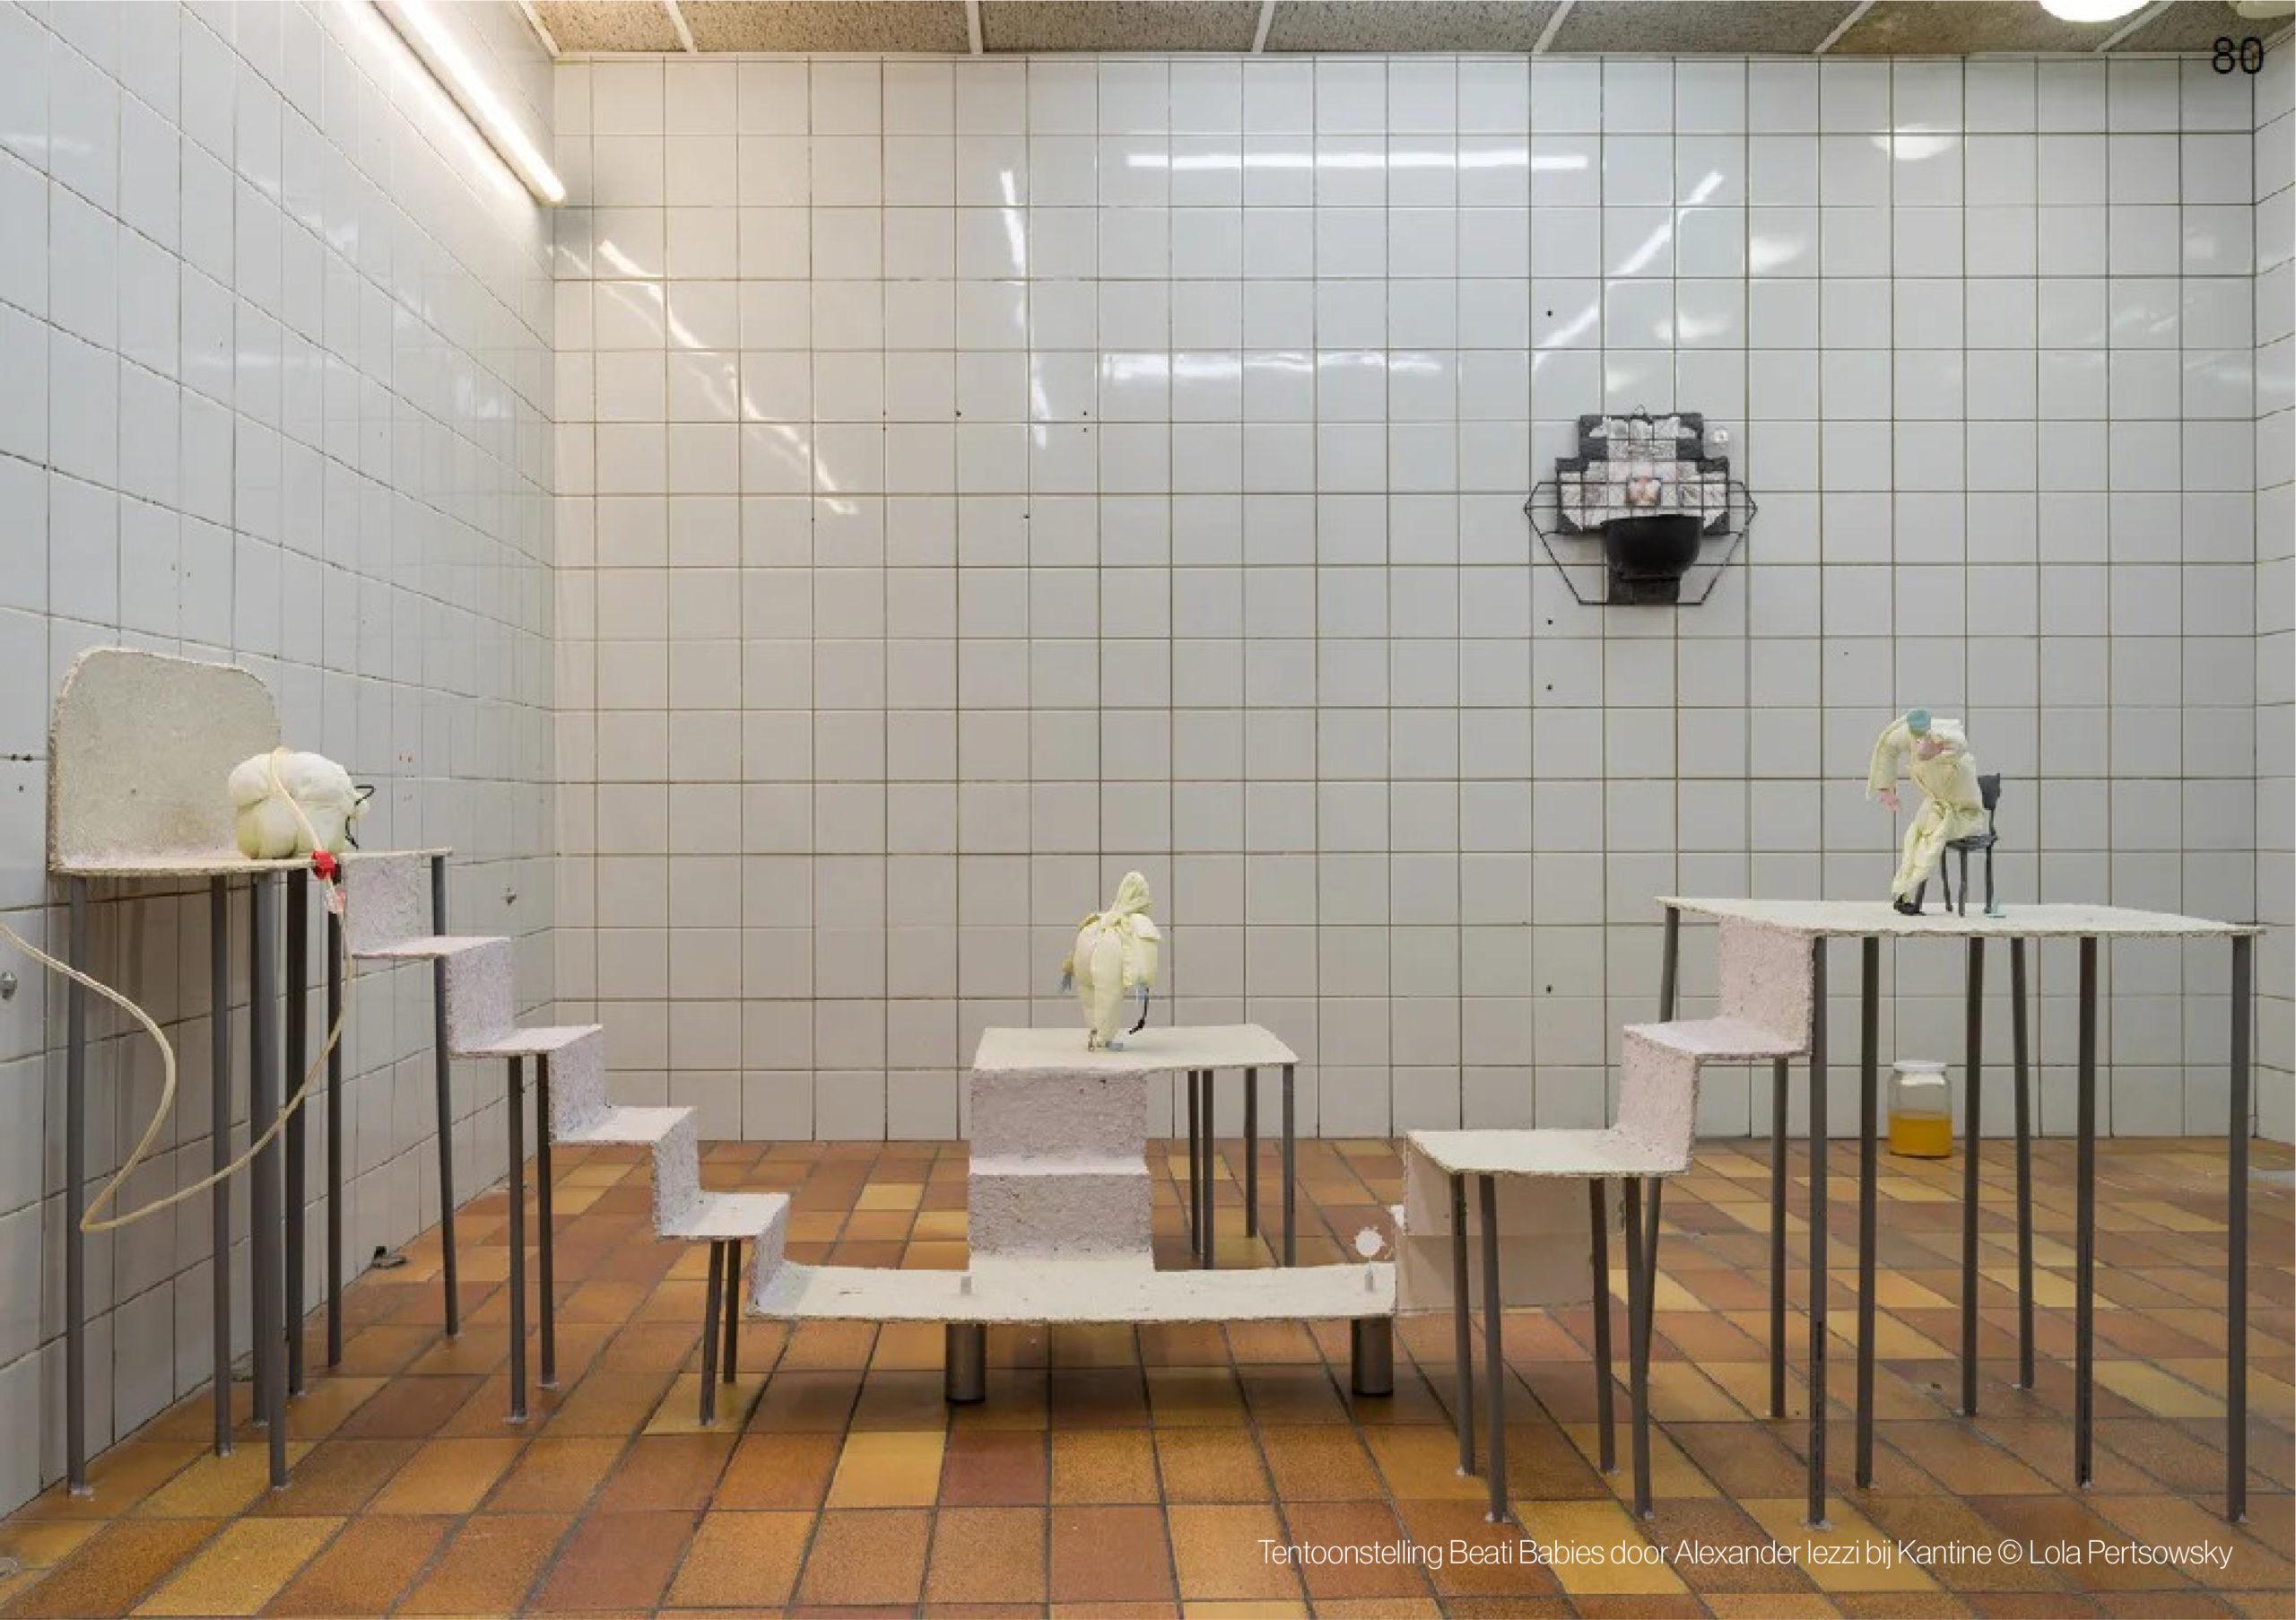 PlanAtelier - Tentoonstelling Beati Babies door Alexander Iezzi bij Kantine (c) Lola Pertsowsky